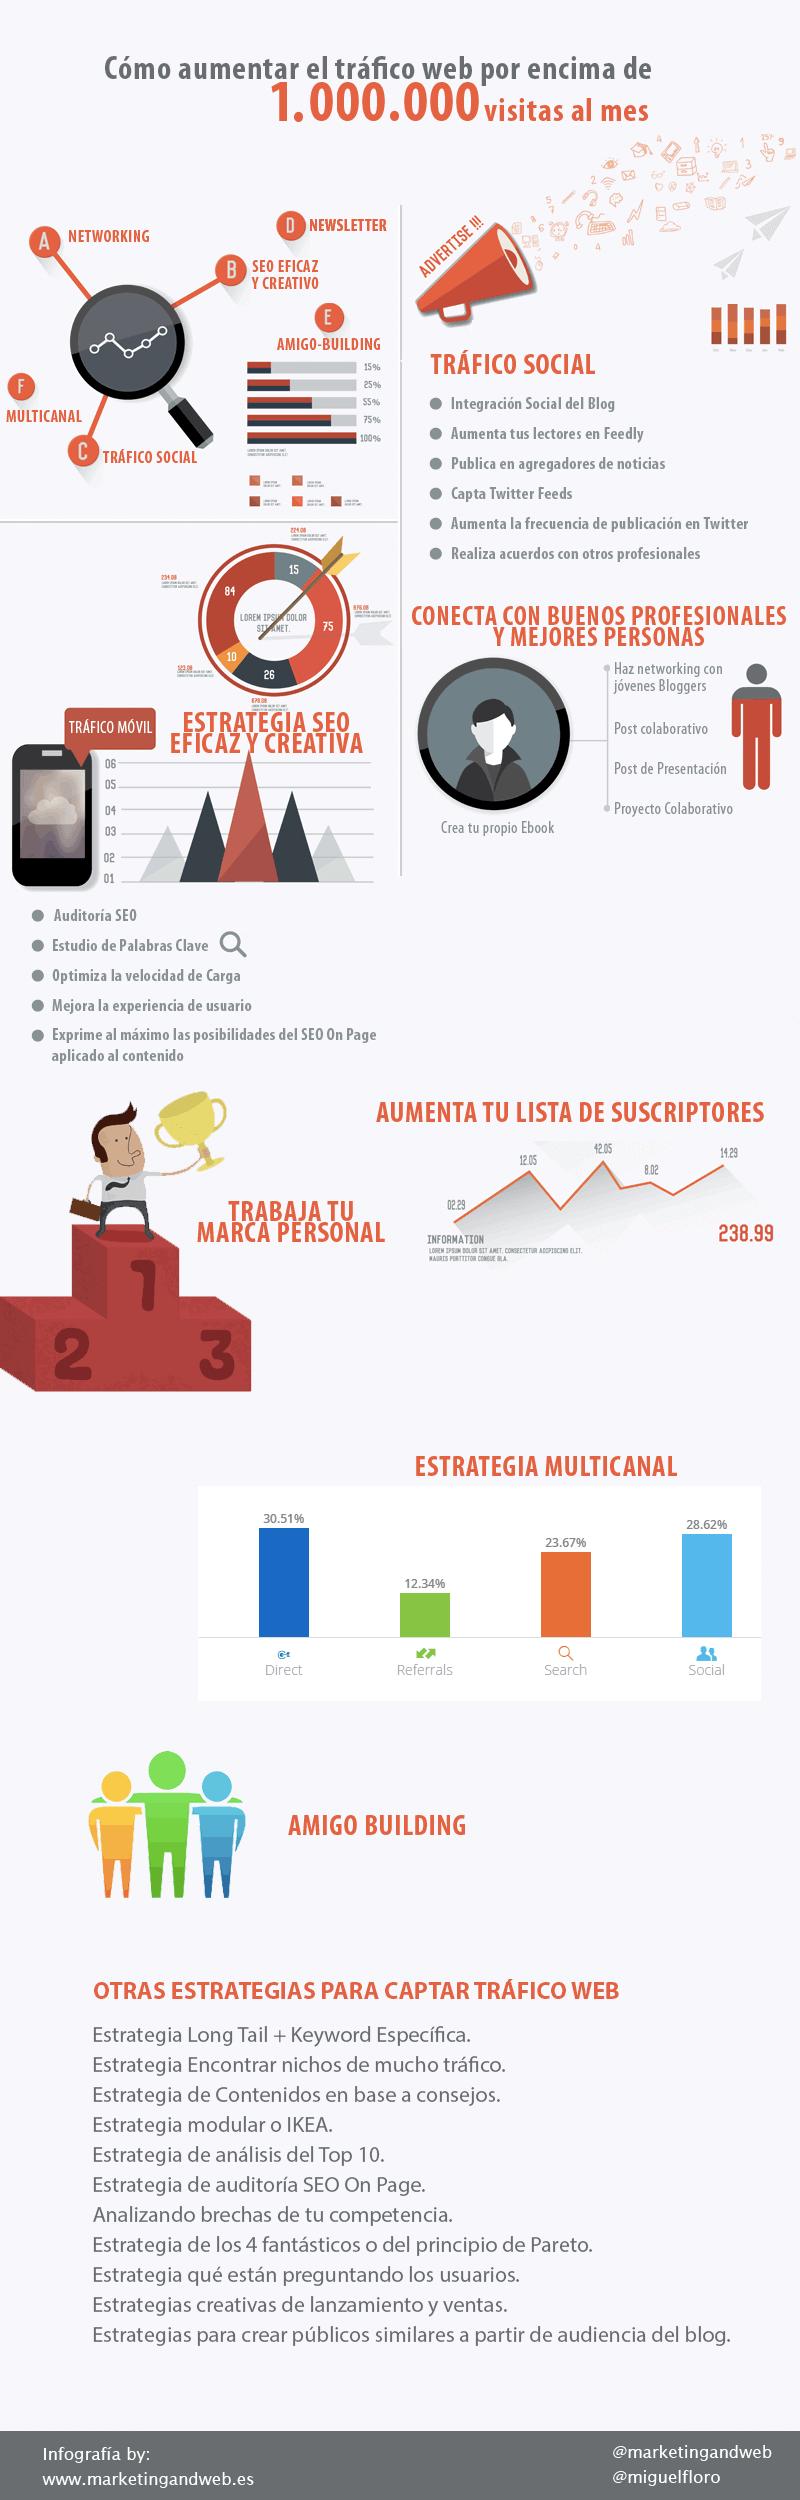 cómo aumentar el tráfico web infografía